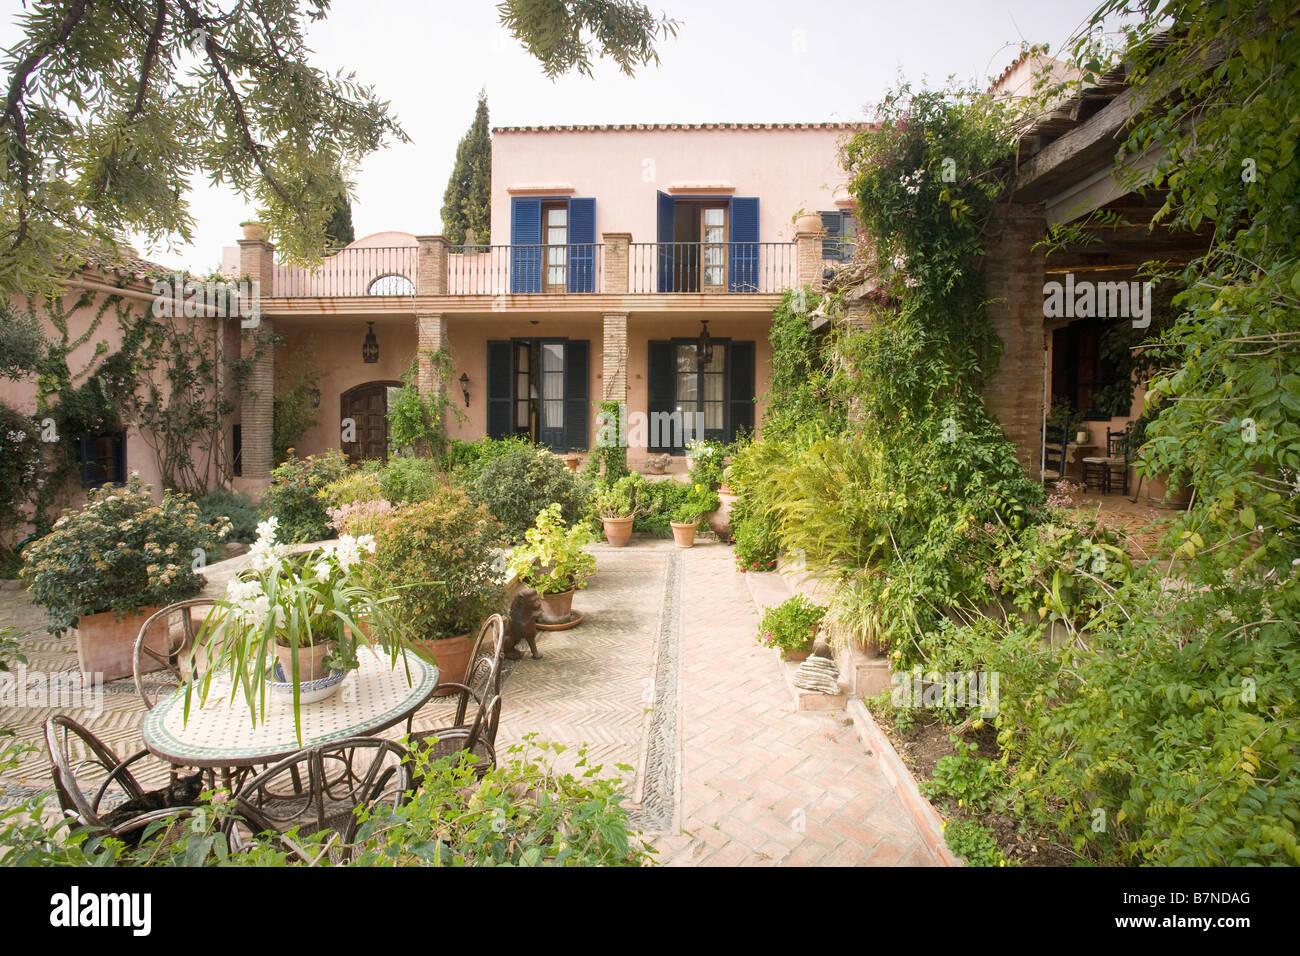 Spanischer Innenhof tisch und stühle auf der terrasse im garten der spanischen innenhof